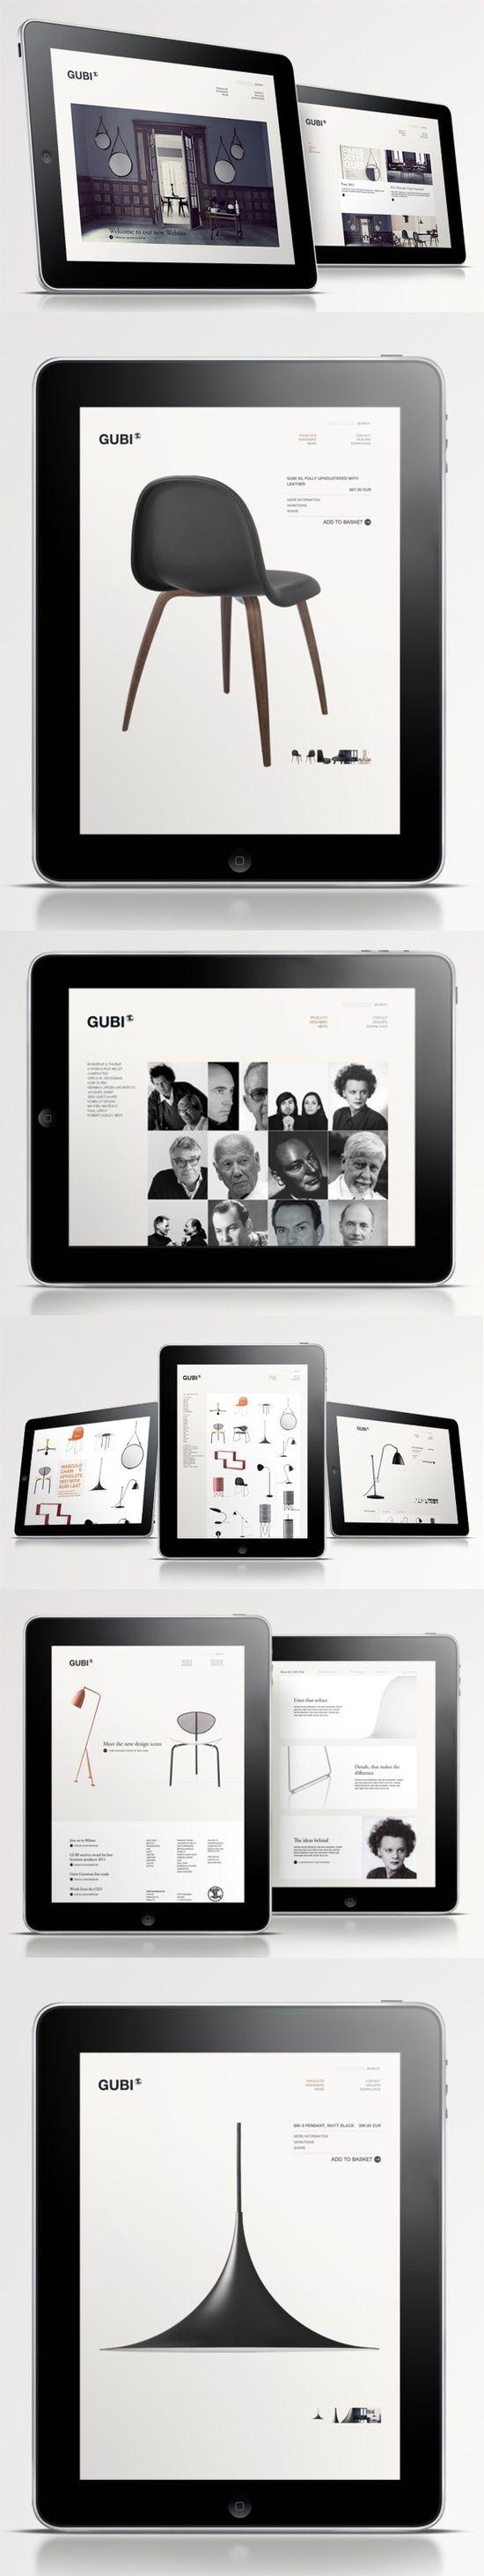 furniture websites design designer. gubi website for a furniture manufacturer design uiux apps websites designer i